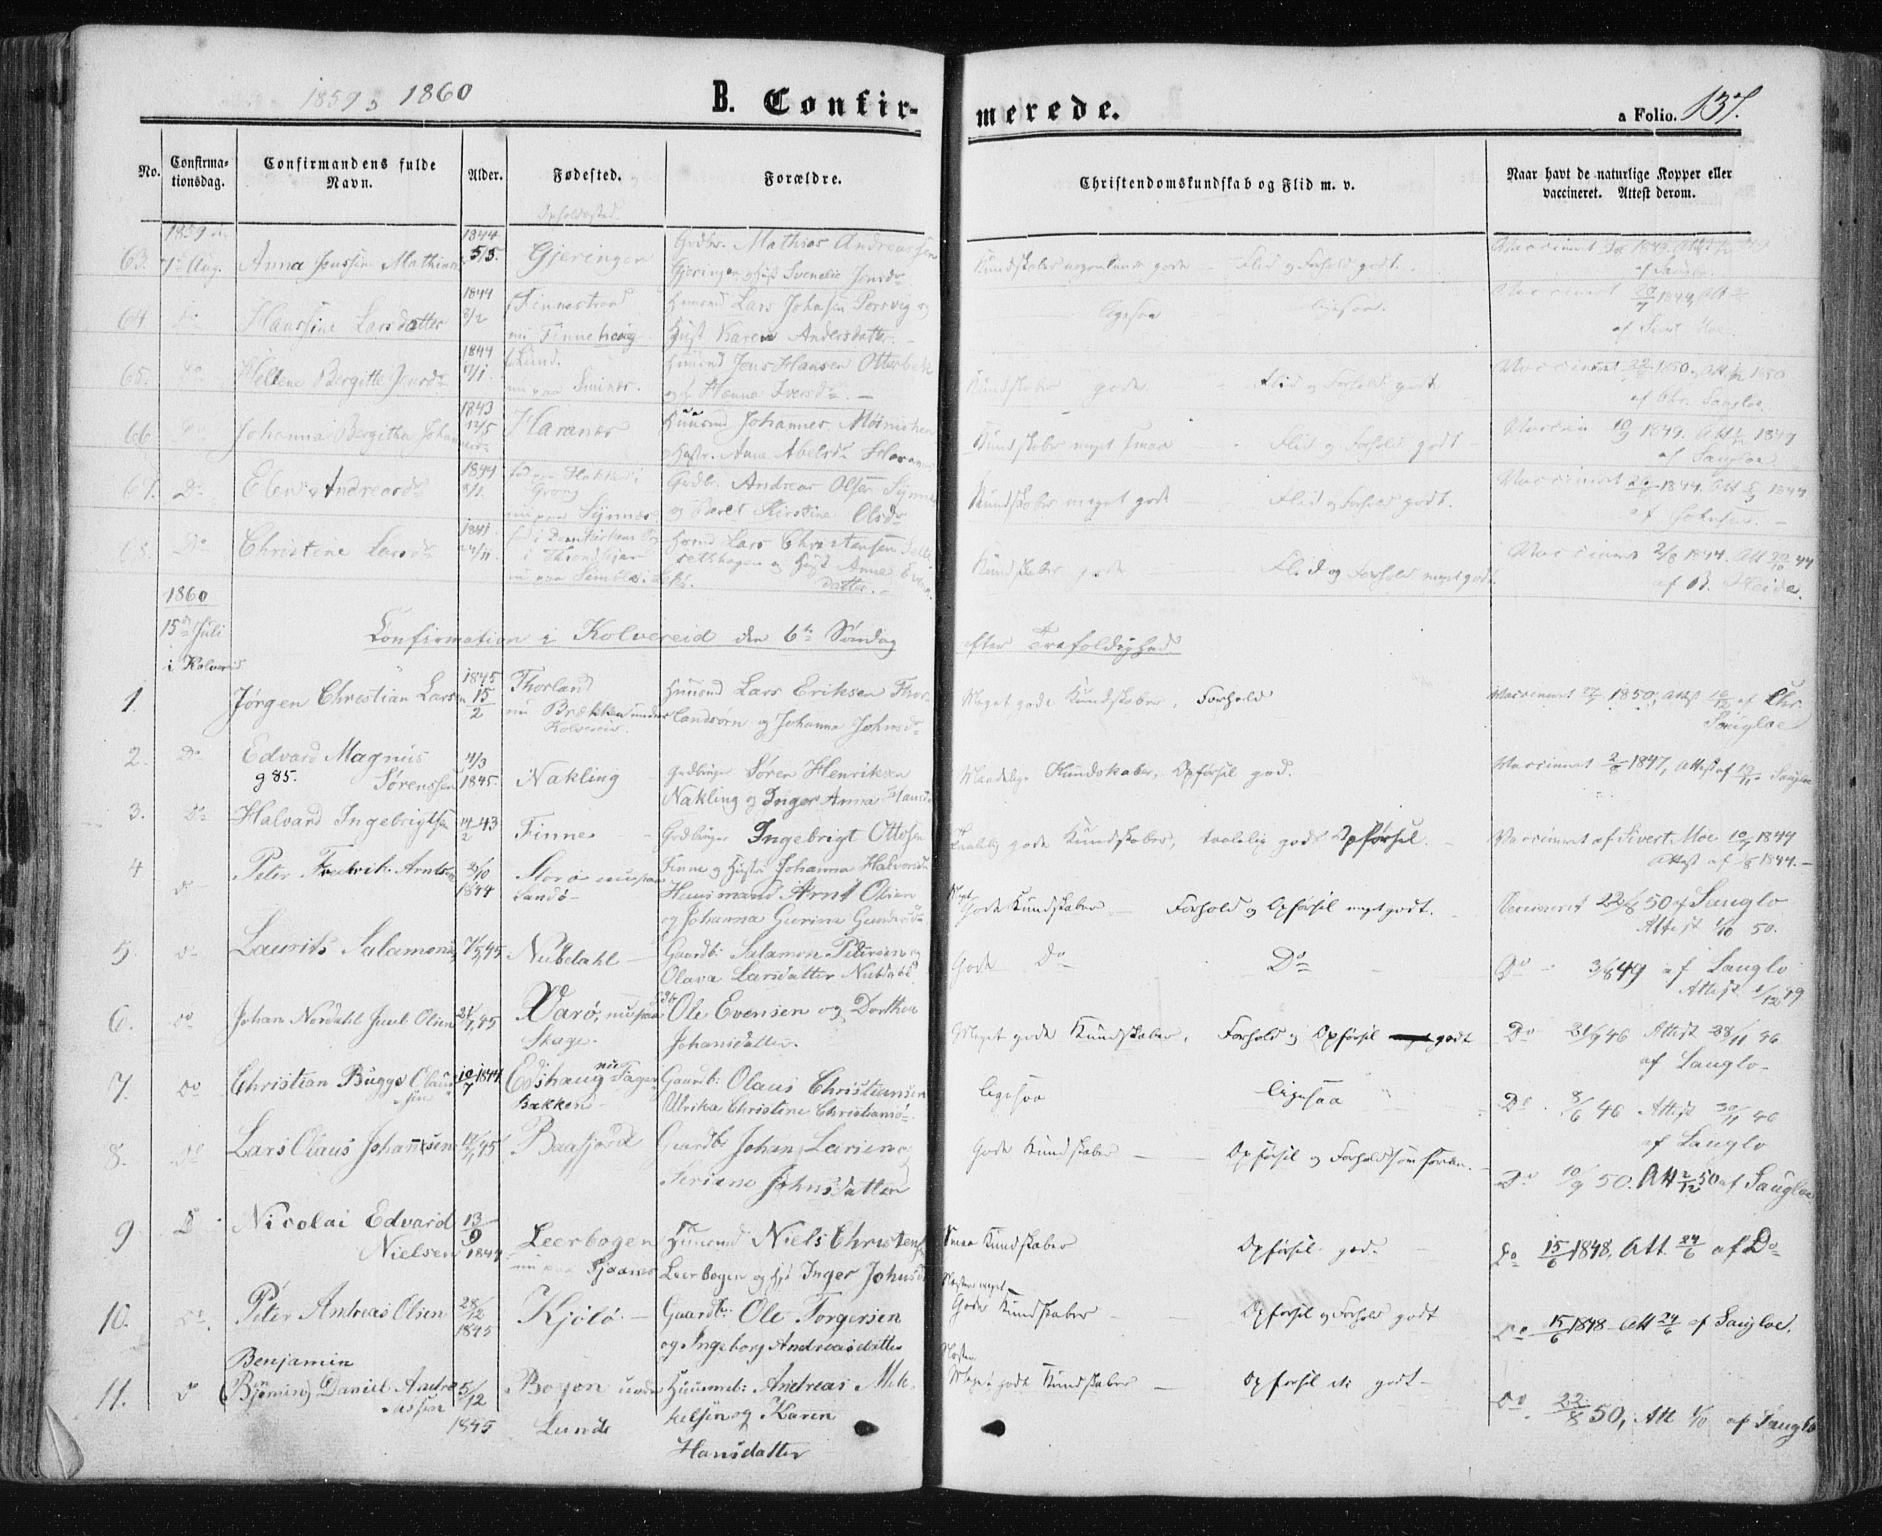 SAT, Ministerialprotokoller, klokkerbøker og fødselsregistre - Nord-Trøndelag, 780/L0641: Ministerialbok nr. 780A06, 1857-1874, s. 137